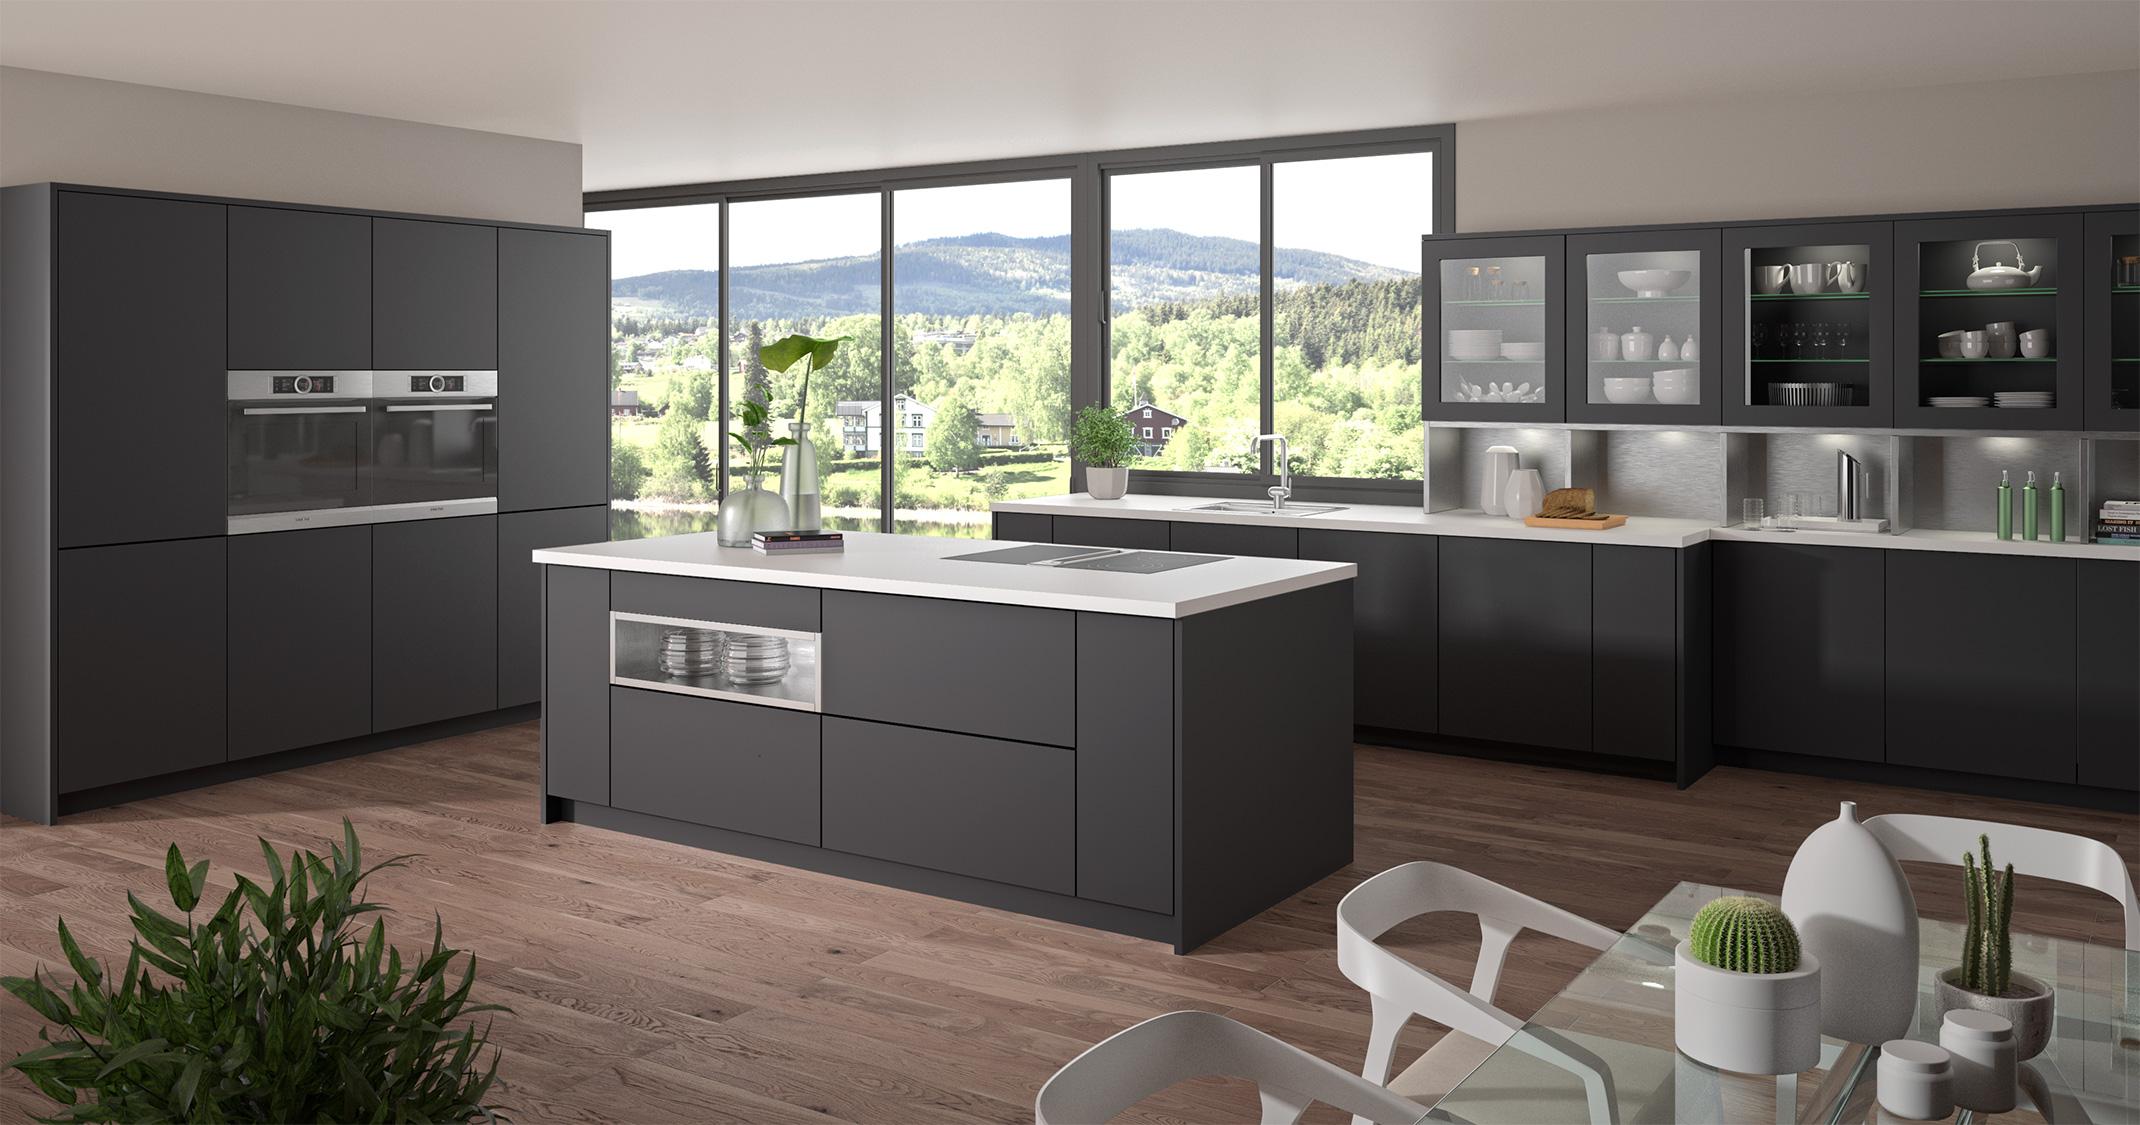 Farb- und Stilberatung für Ihre Küche  GRIMM Küchen